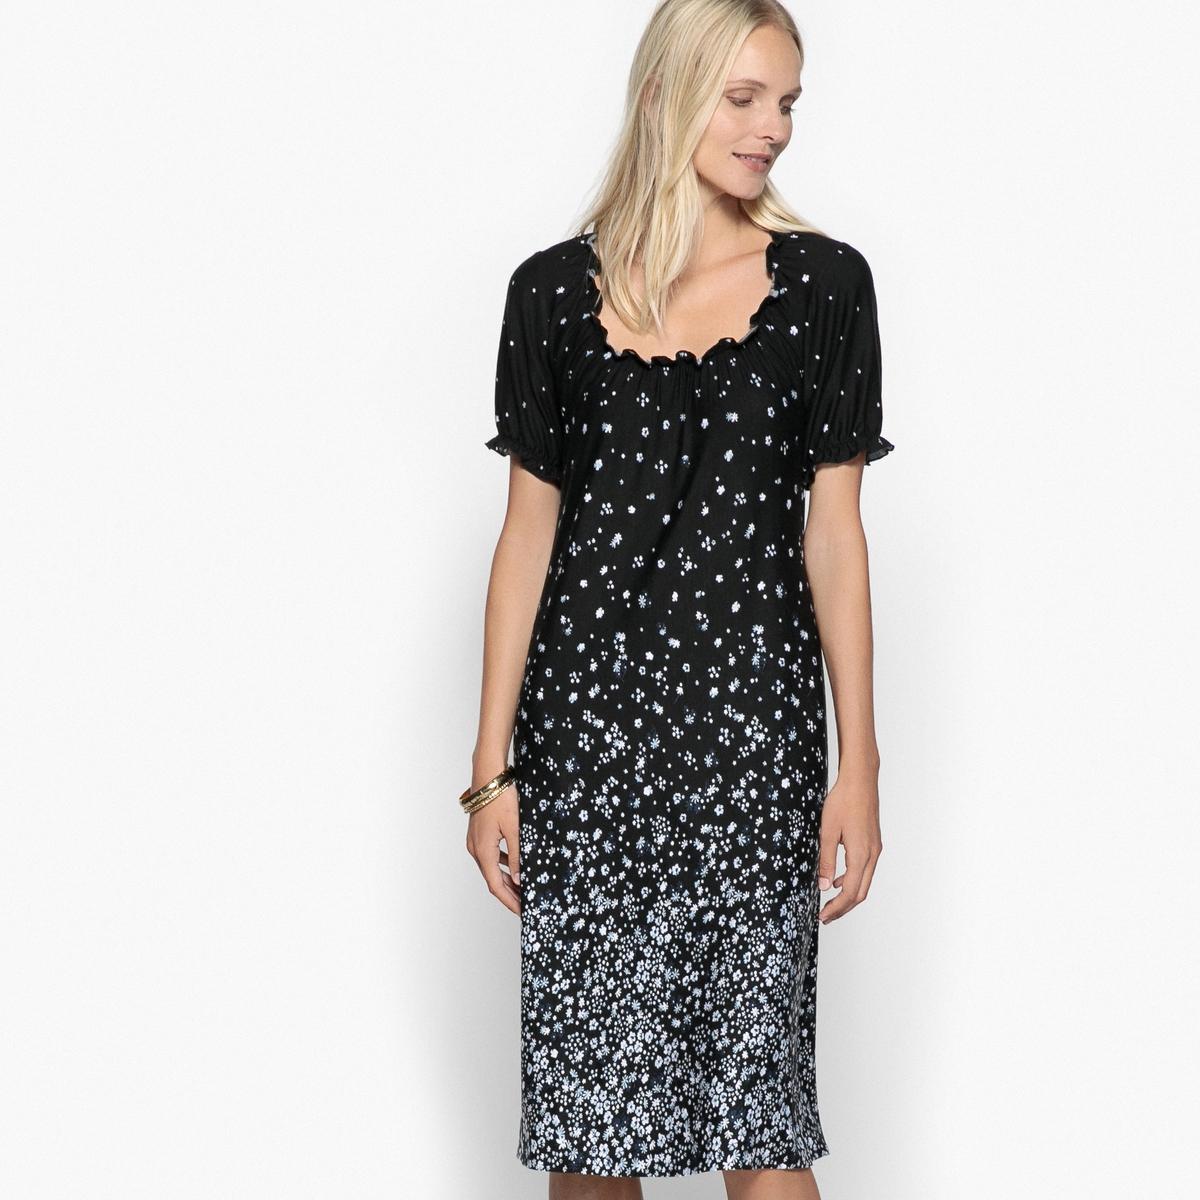 Платье прямое с рисунком из мягкого трикотажаОписание:Платье с цветочным рисунком. Выбирайте это платье из эластичного джерси и наслаждайтесь мягким трикотажем, комфортным и женственным.Детали •  Форма : прямая •  Длина до колен •  Короткие рукава    •  Круглый вырез •  Рисунок-принтСостав и уход •  95% вискозы, 5% эластана •  Температура стирки 30° на деликатном режиме   •  Сухая чистка и отбеливатели запрещены •  Не использовать барабанную сушку •  Низкая температура глажки •  Свободный круглый вырез с небольшими воланами. Короткие рукава с отделкой воланами с оборками. •  Длина  : 94,5 см<br><br>Цвет: рисунок/фон черный